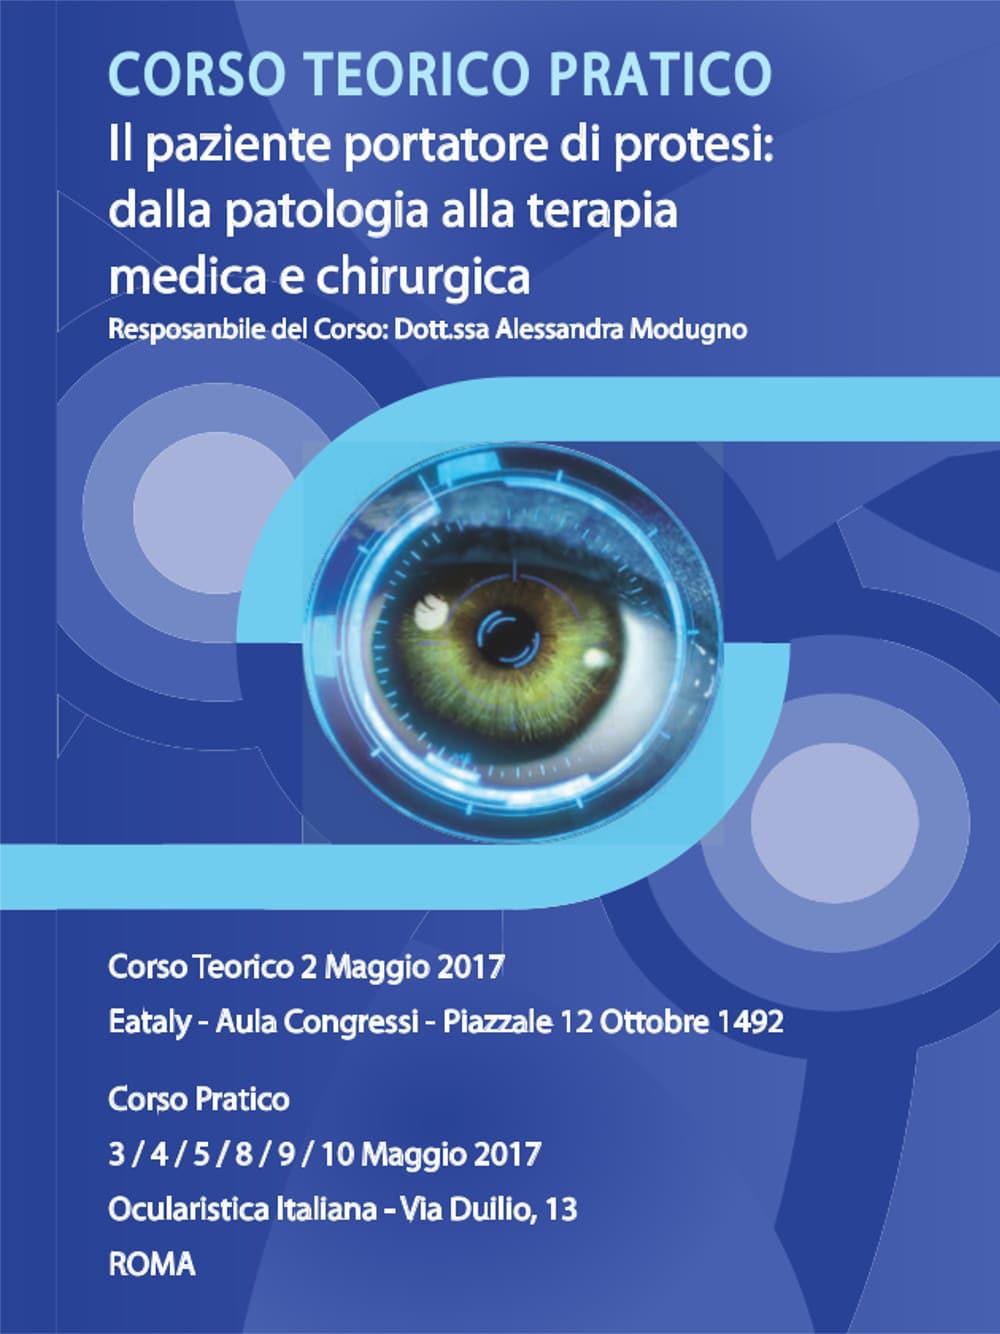 02.05.17 - Roma | Corso Teorico Pratico